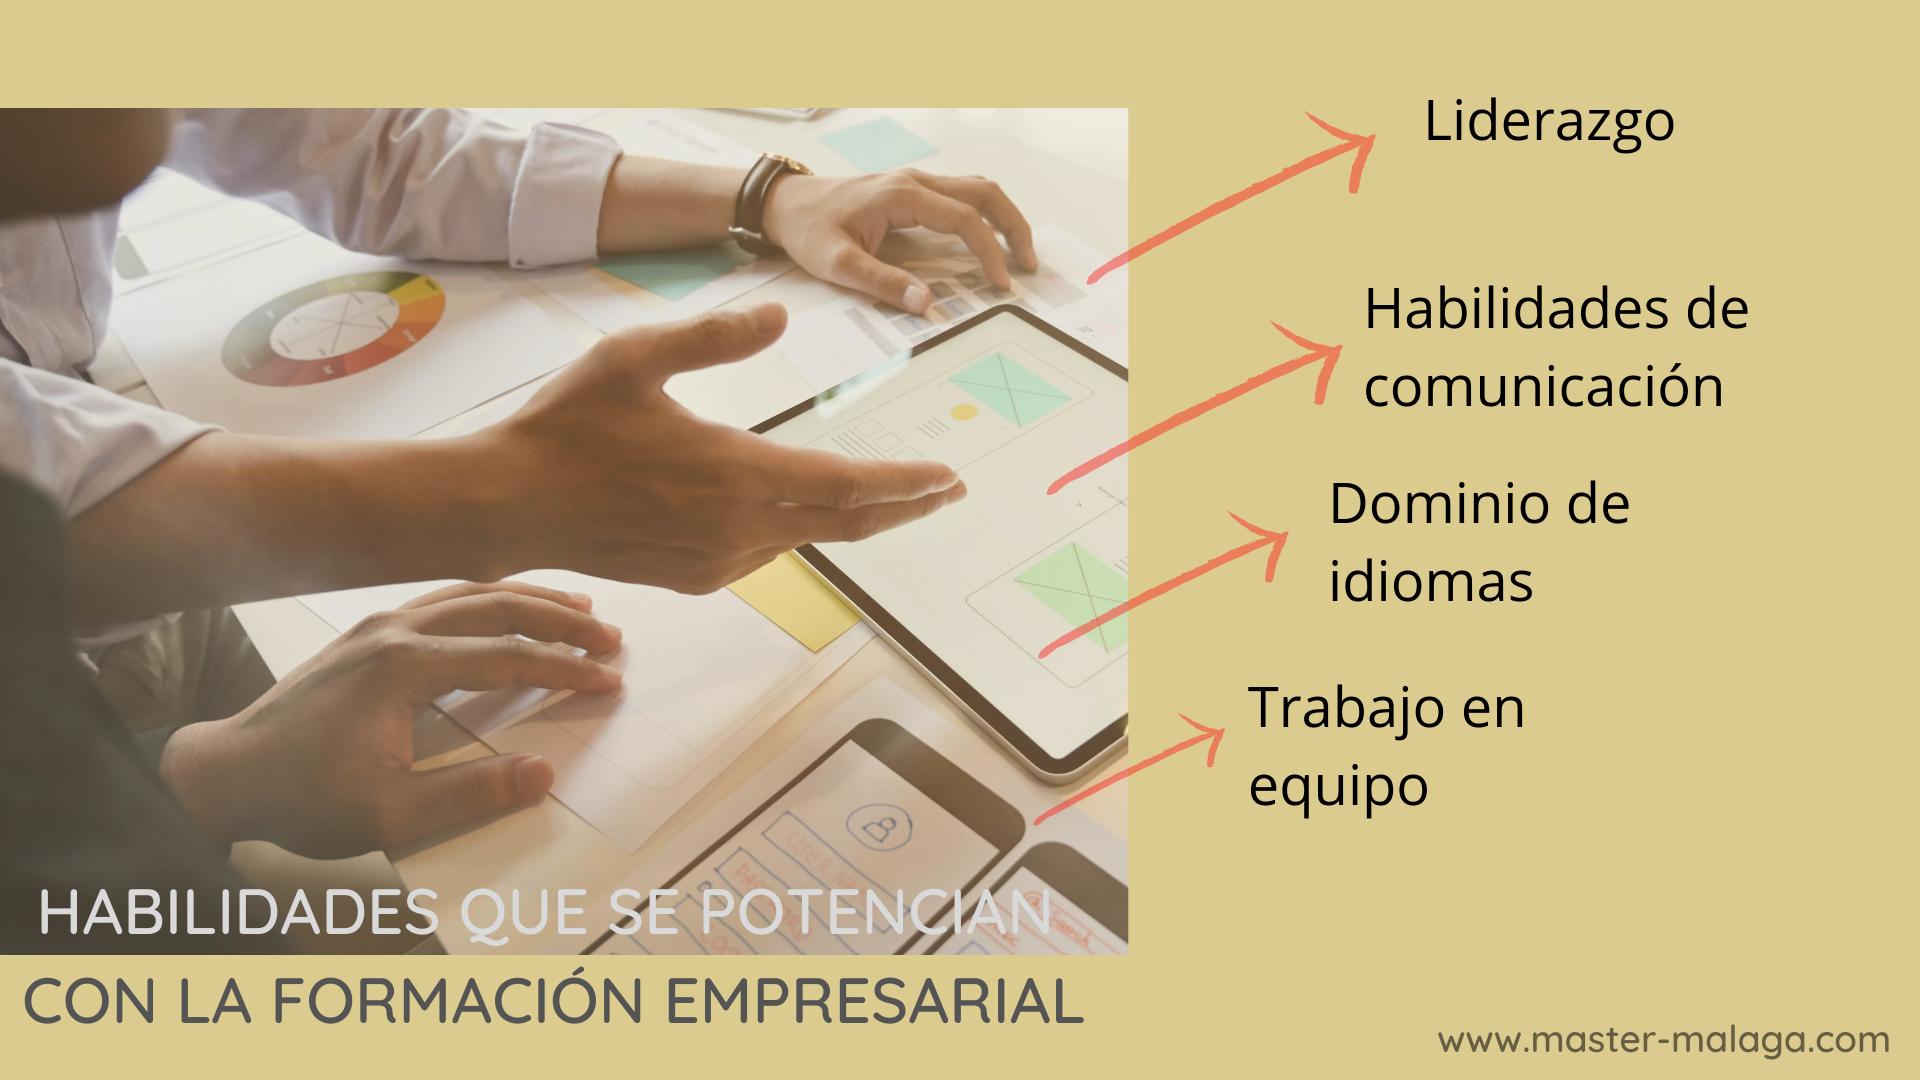 Habilidades que se potencian con la formación empresarial